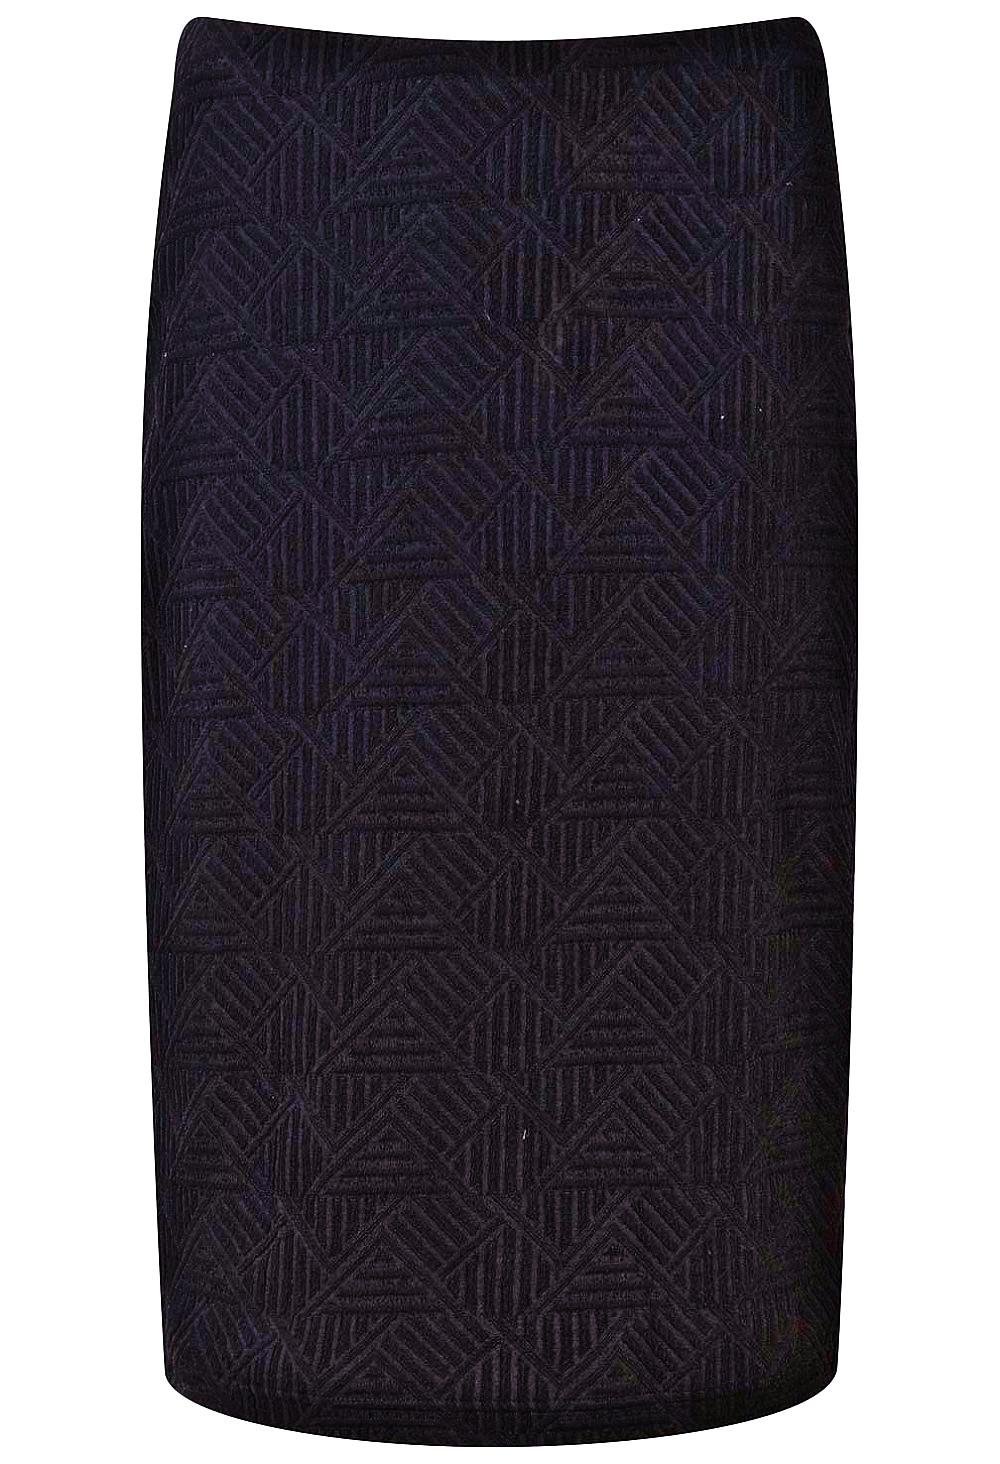 BLACK Pull On Textured Pencil Skirt